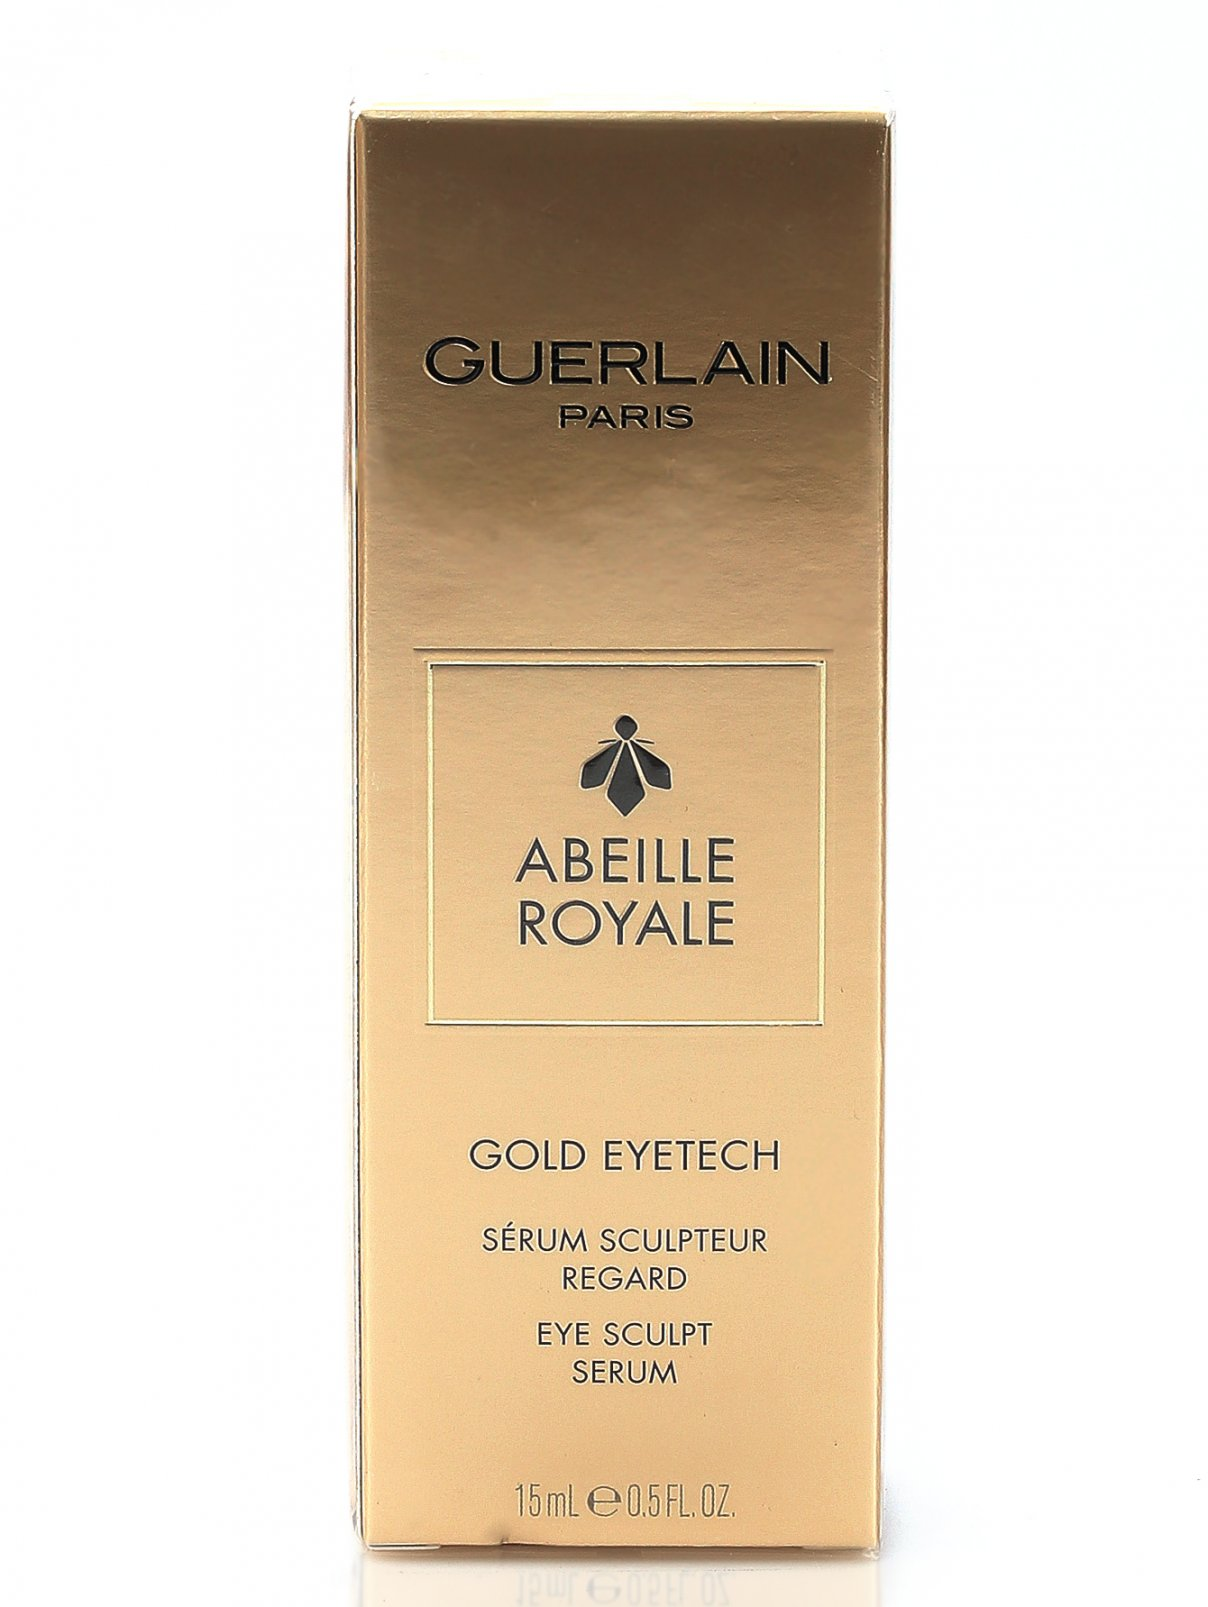 Моделирующая сыворотка для кожи вокруг глаз - Abeille Royale 15ml Guerlain  –  Модель Общий вид